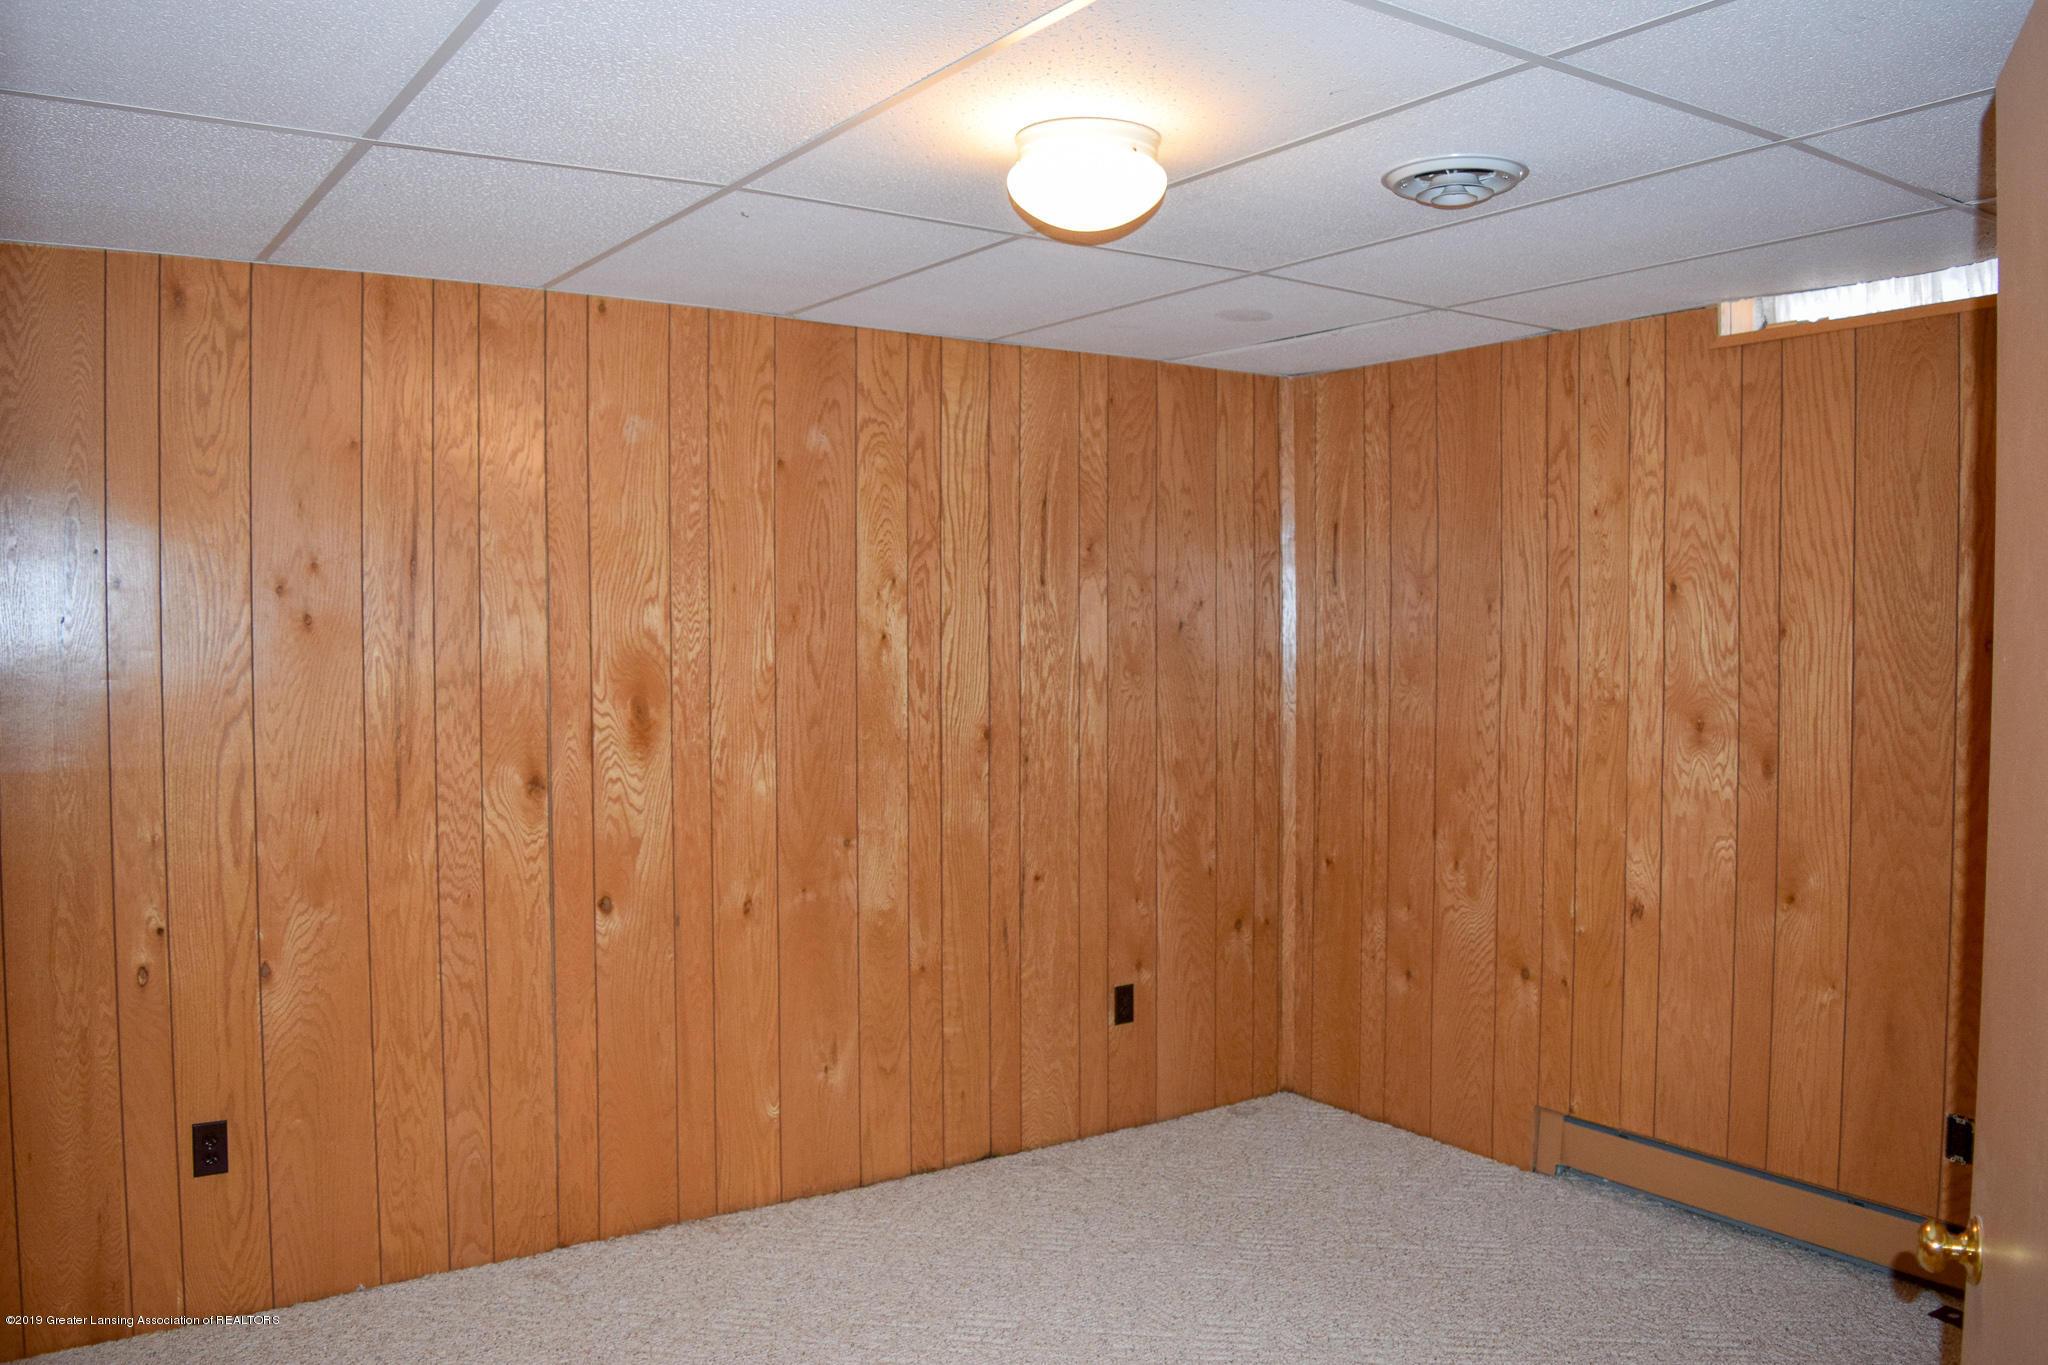 472 Red Cedar Blvd 1 - Basement Office/Bedroom - 19